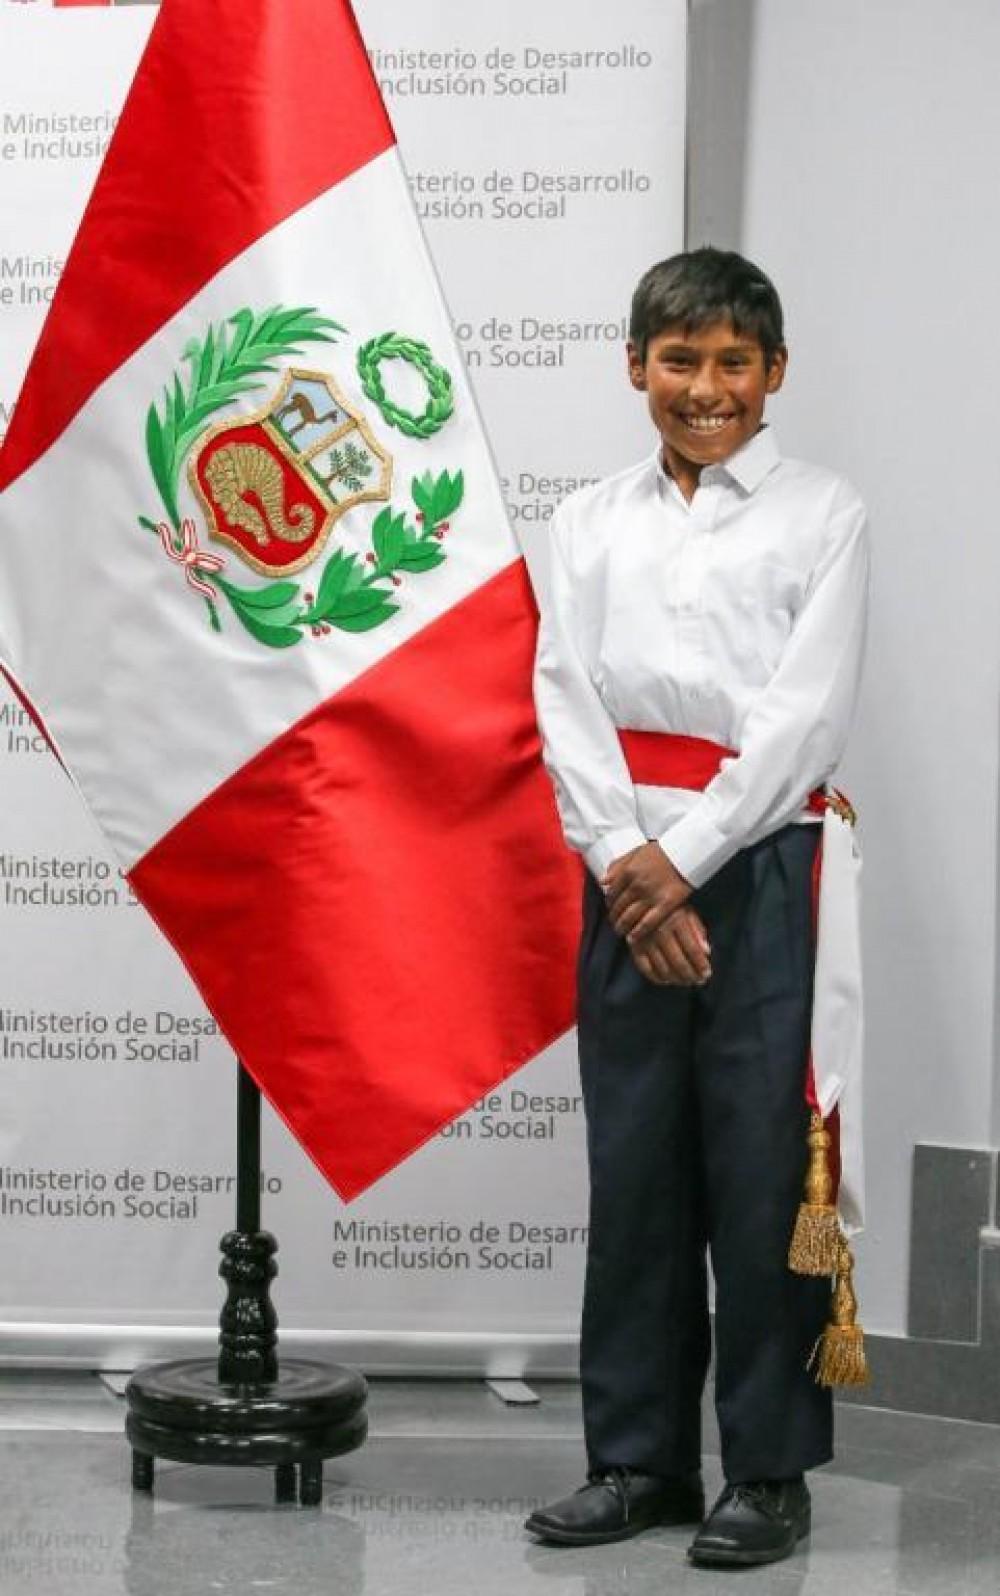 تعرفوا على أصغر وزير في العالم عمره 12 عاماً